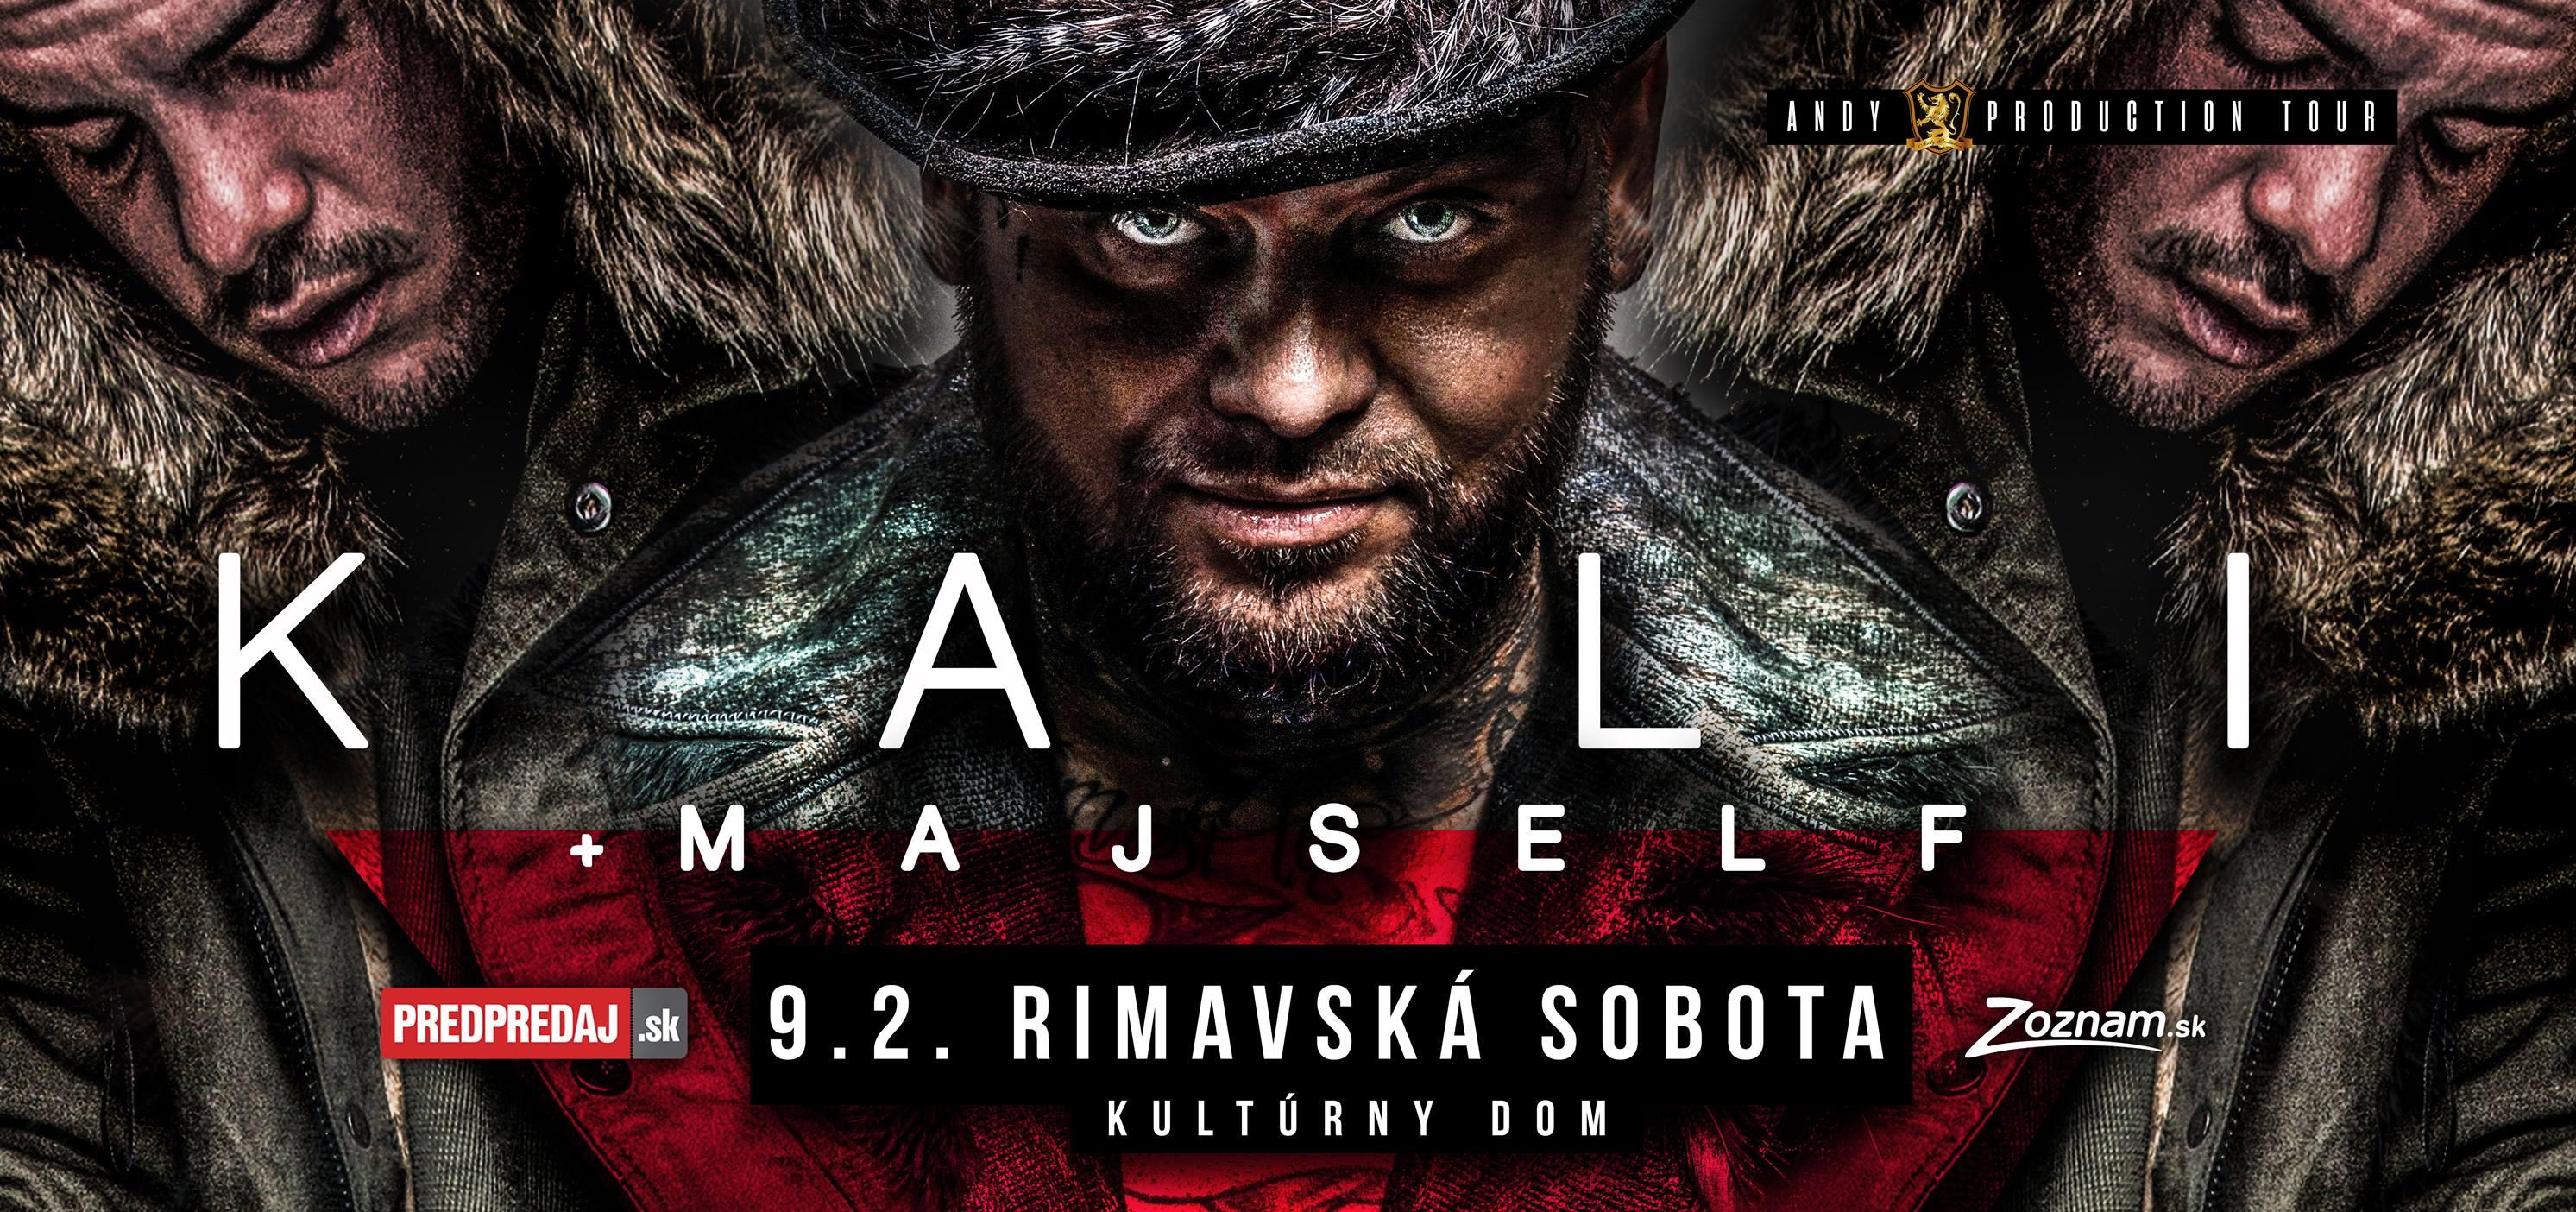 Kali & Majself @ Mestské kultúrne stredisko, Námestie Š. M. Daxnera, Rimavská Sobota